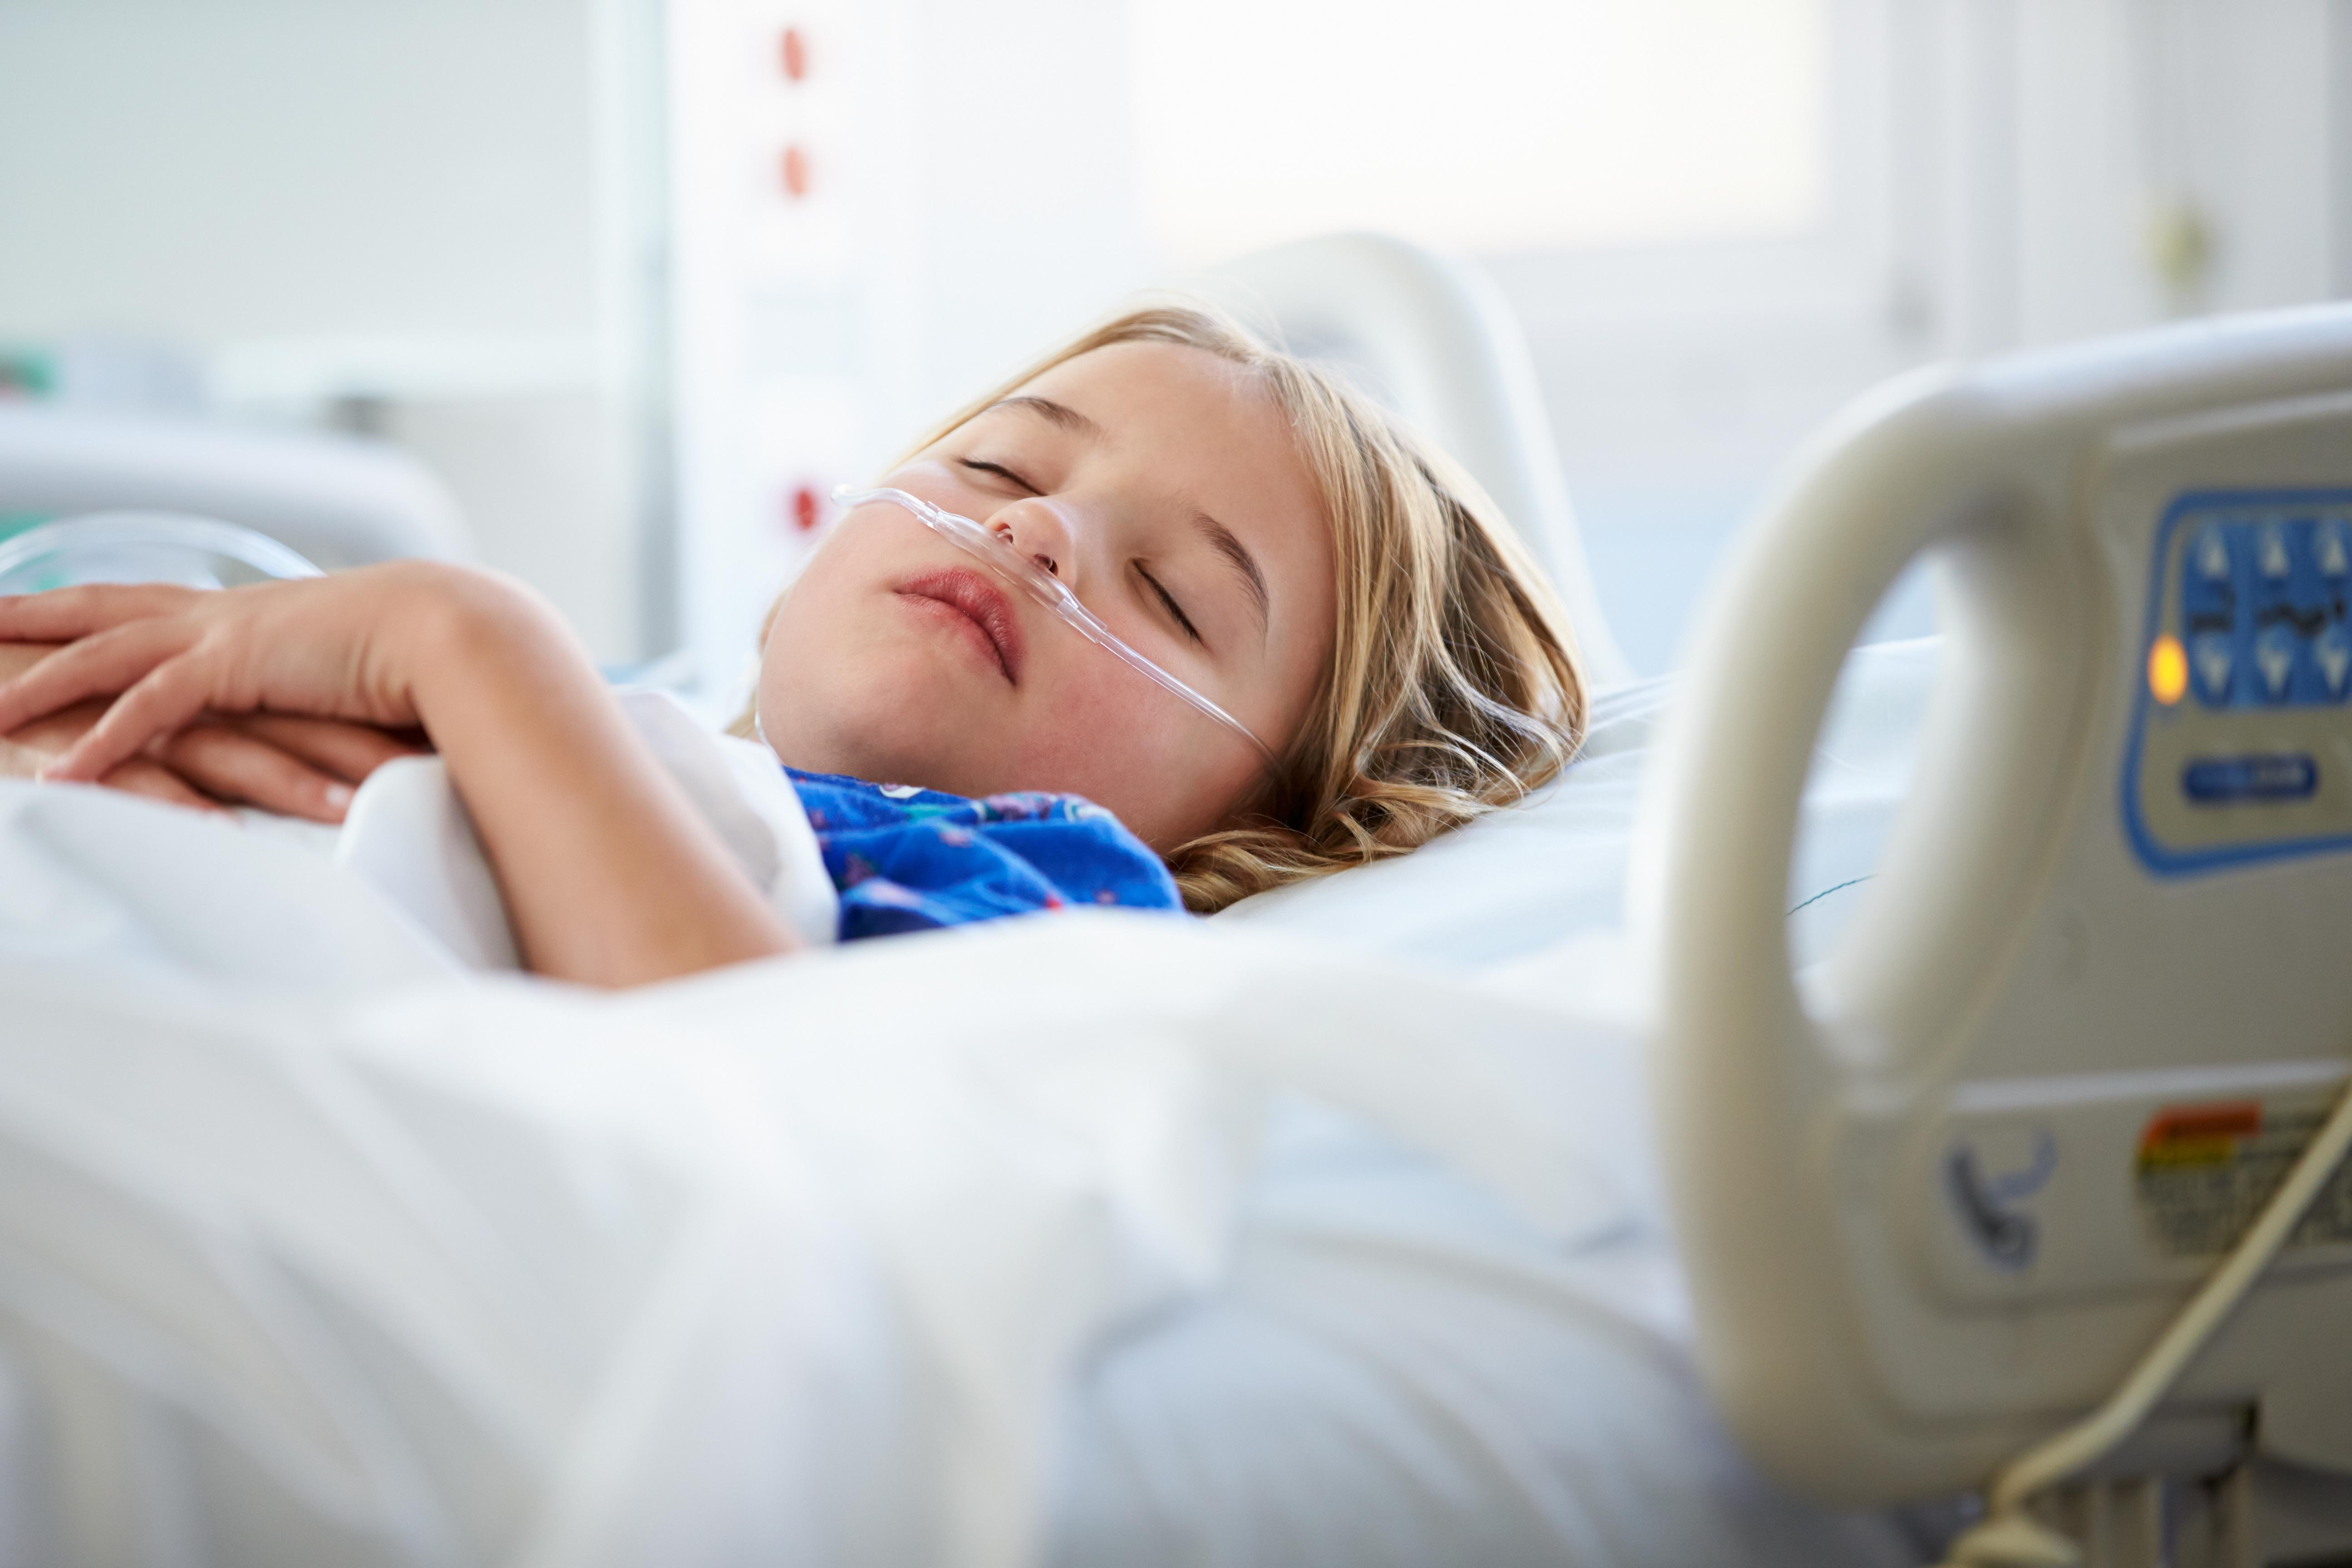 Det som avgör om donation är möjligt eller inte är vilken kondition organen och vävnaderna är i, donatorns ålder är inte av betydelse.